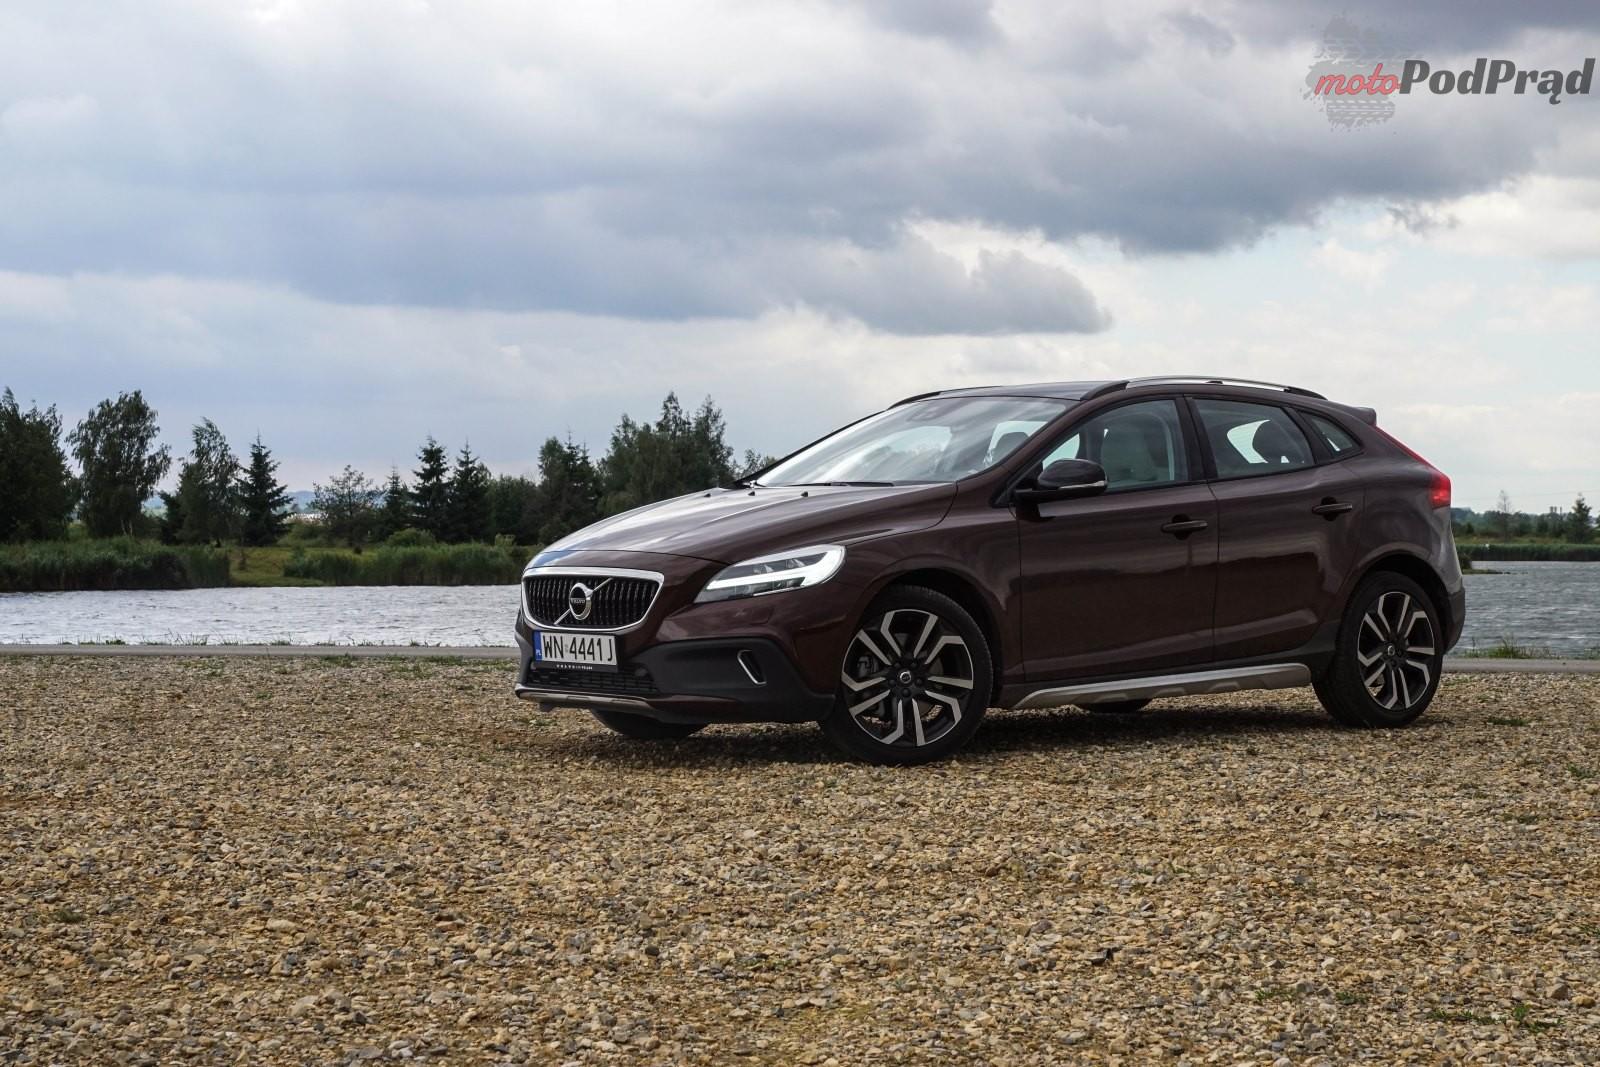 Volvo V40 CC 2 Test: Volvo V40 T5 AWD Cross Country – mocny, uterenowiony hatchback